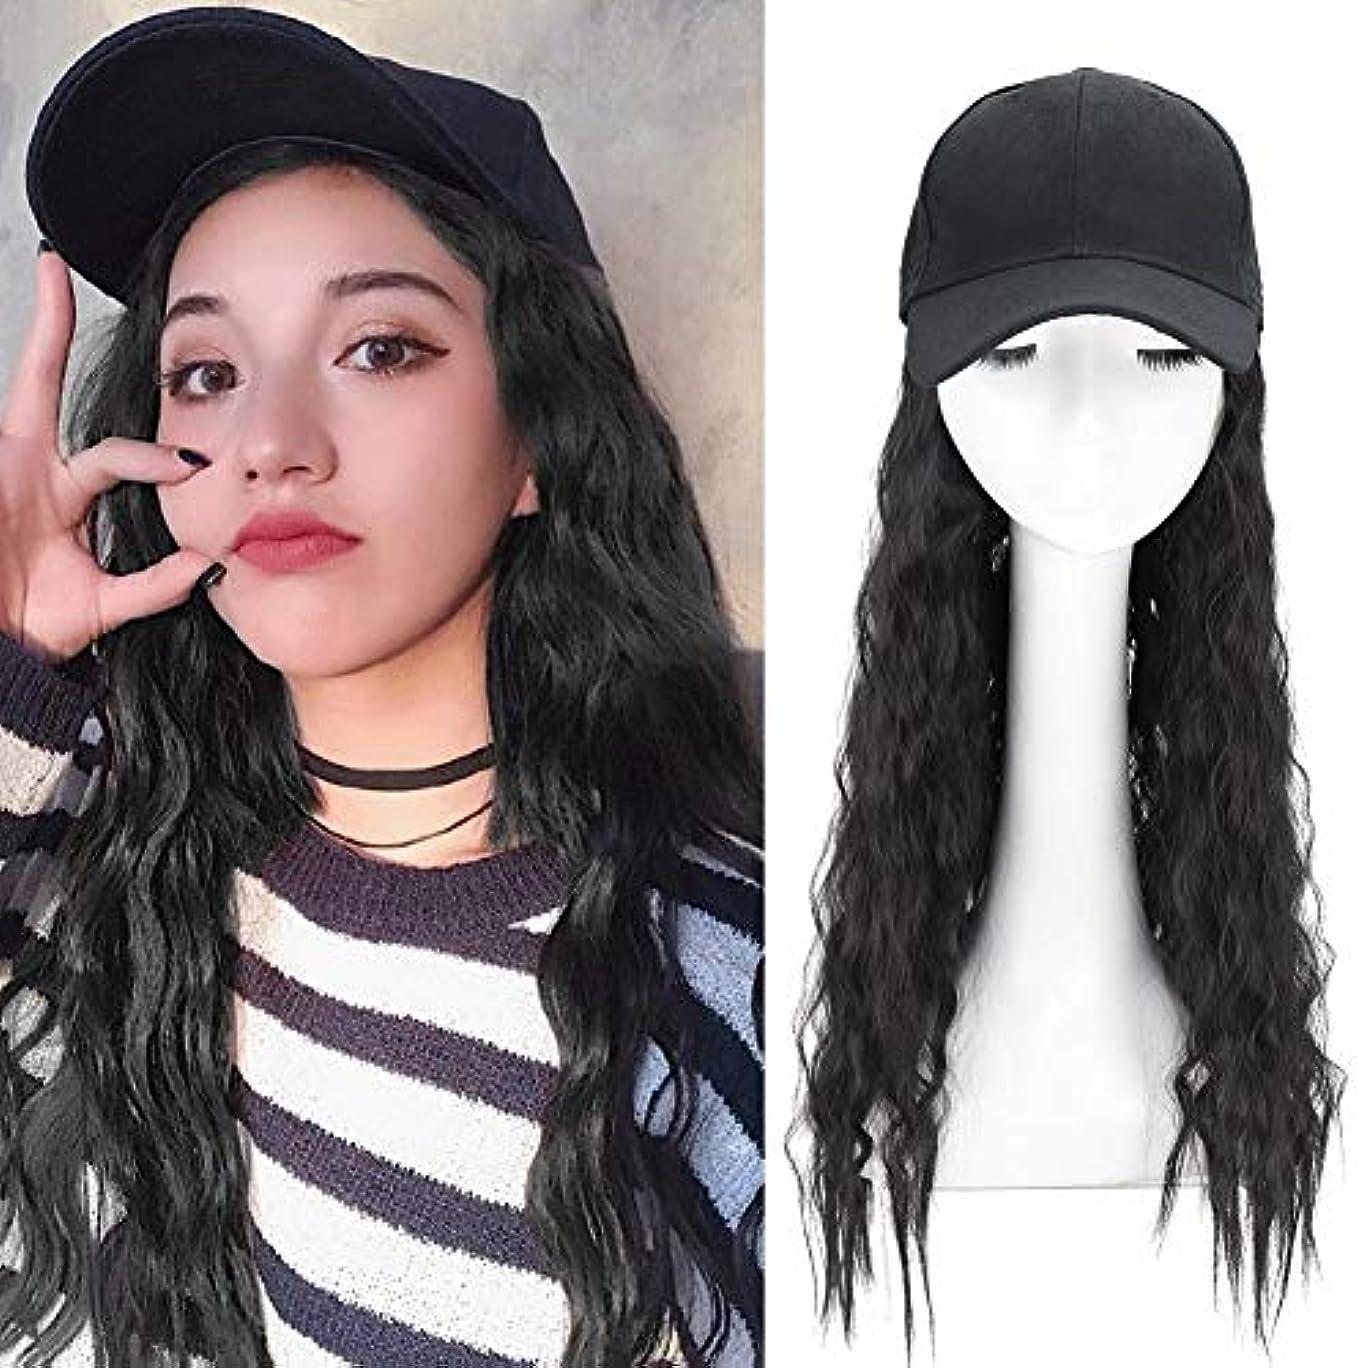 恒久的トライアスロン登る長い巻き毛を持つ合成長波野球帽合成毛を持つ波状かつらキャップ女の子のための髪を持つ調整可能な野球帽帽子